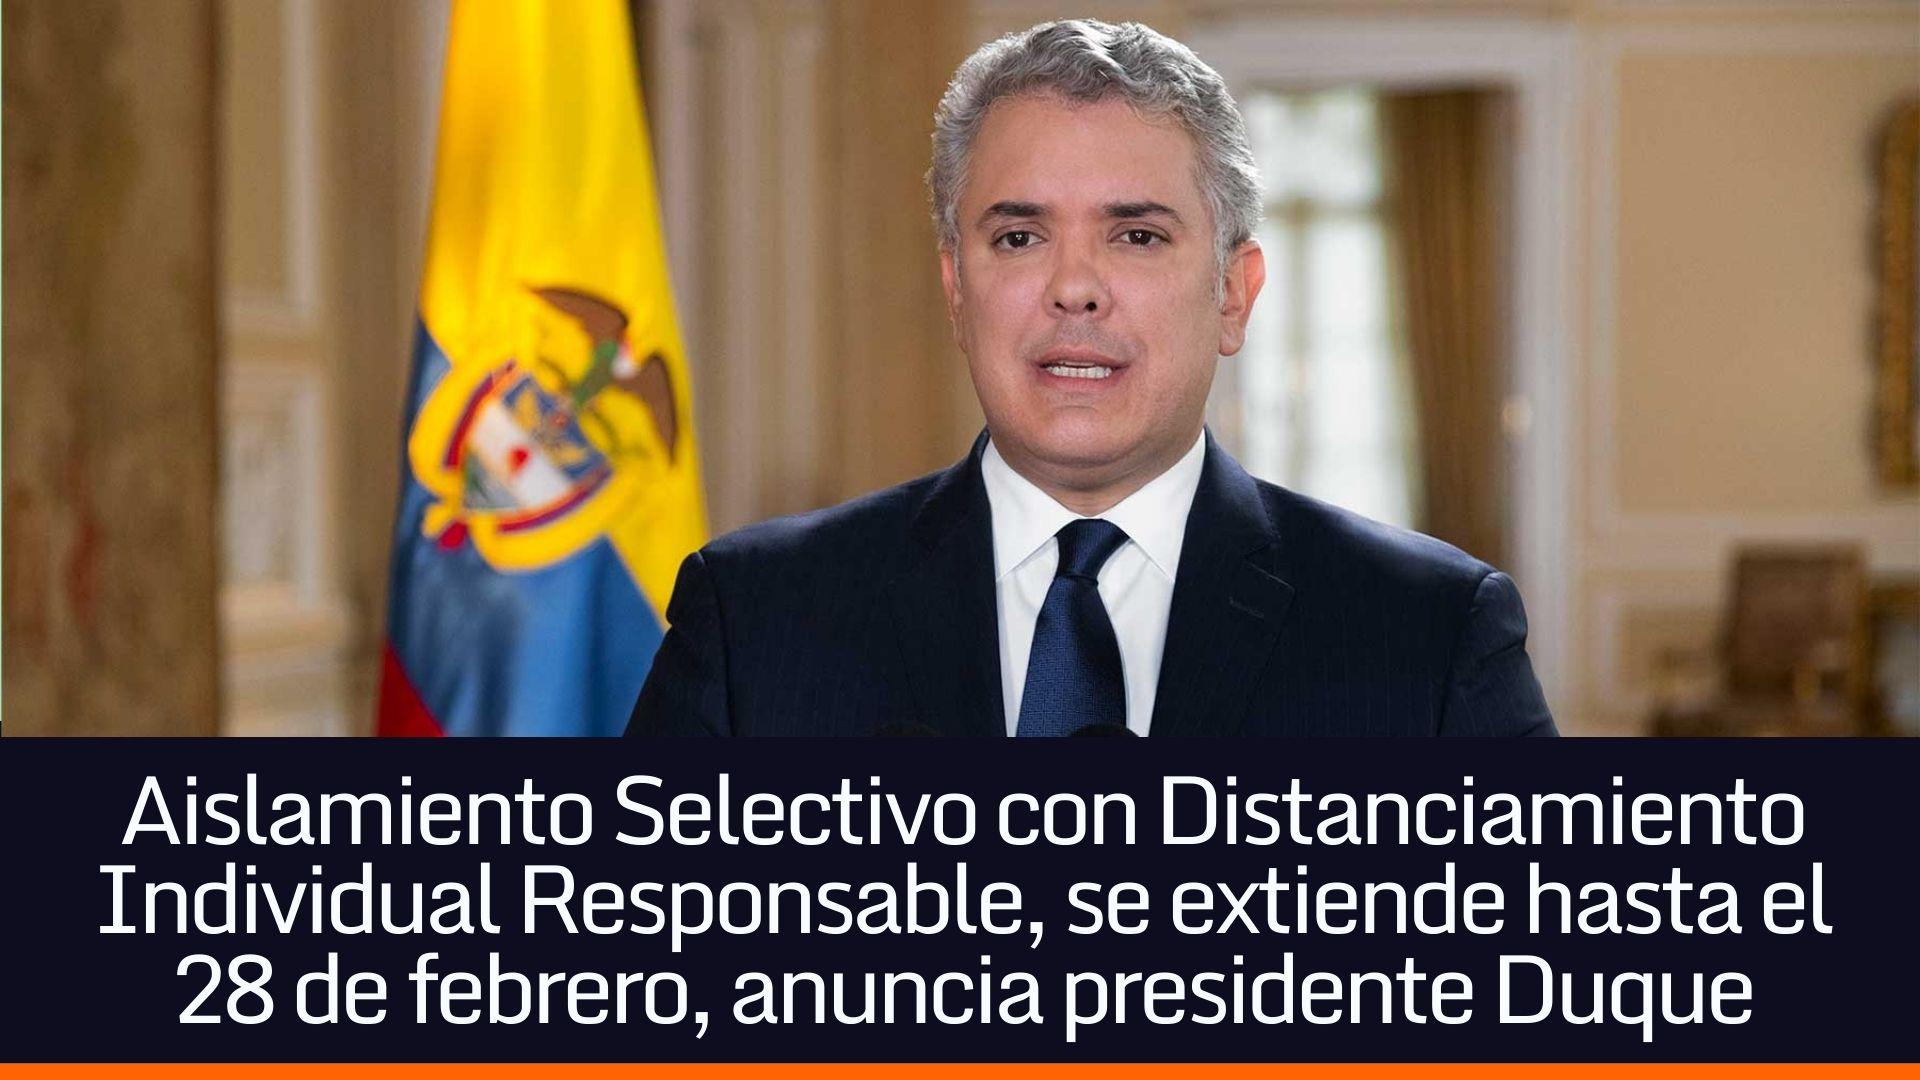 El anuncio fue hecho el 13 de enero por el mandatario colombiano